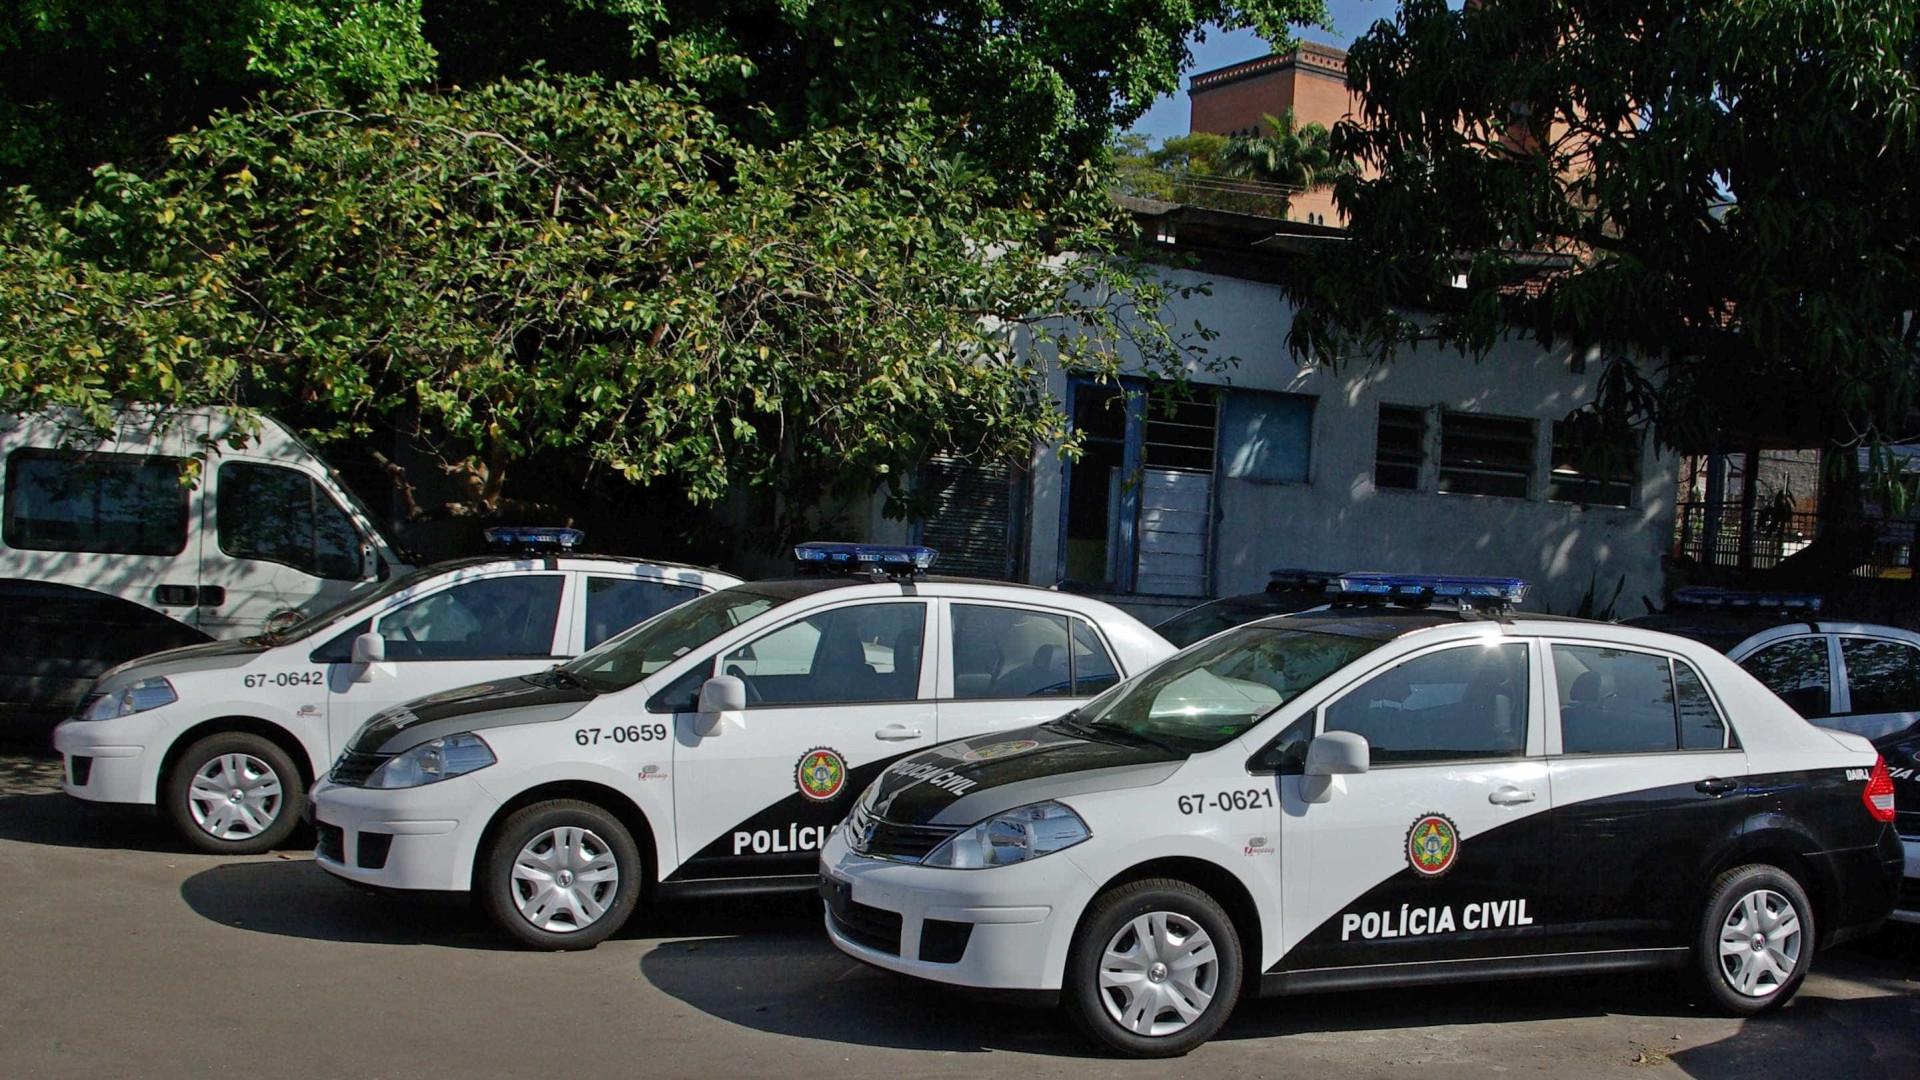 Operação prende 37 de grupo liderado por policiais civis no RJ